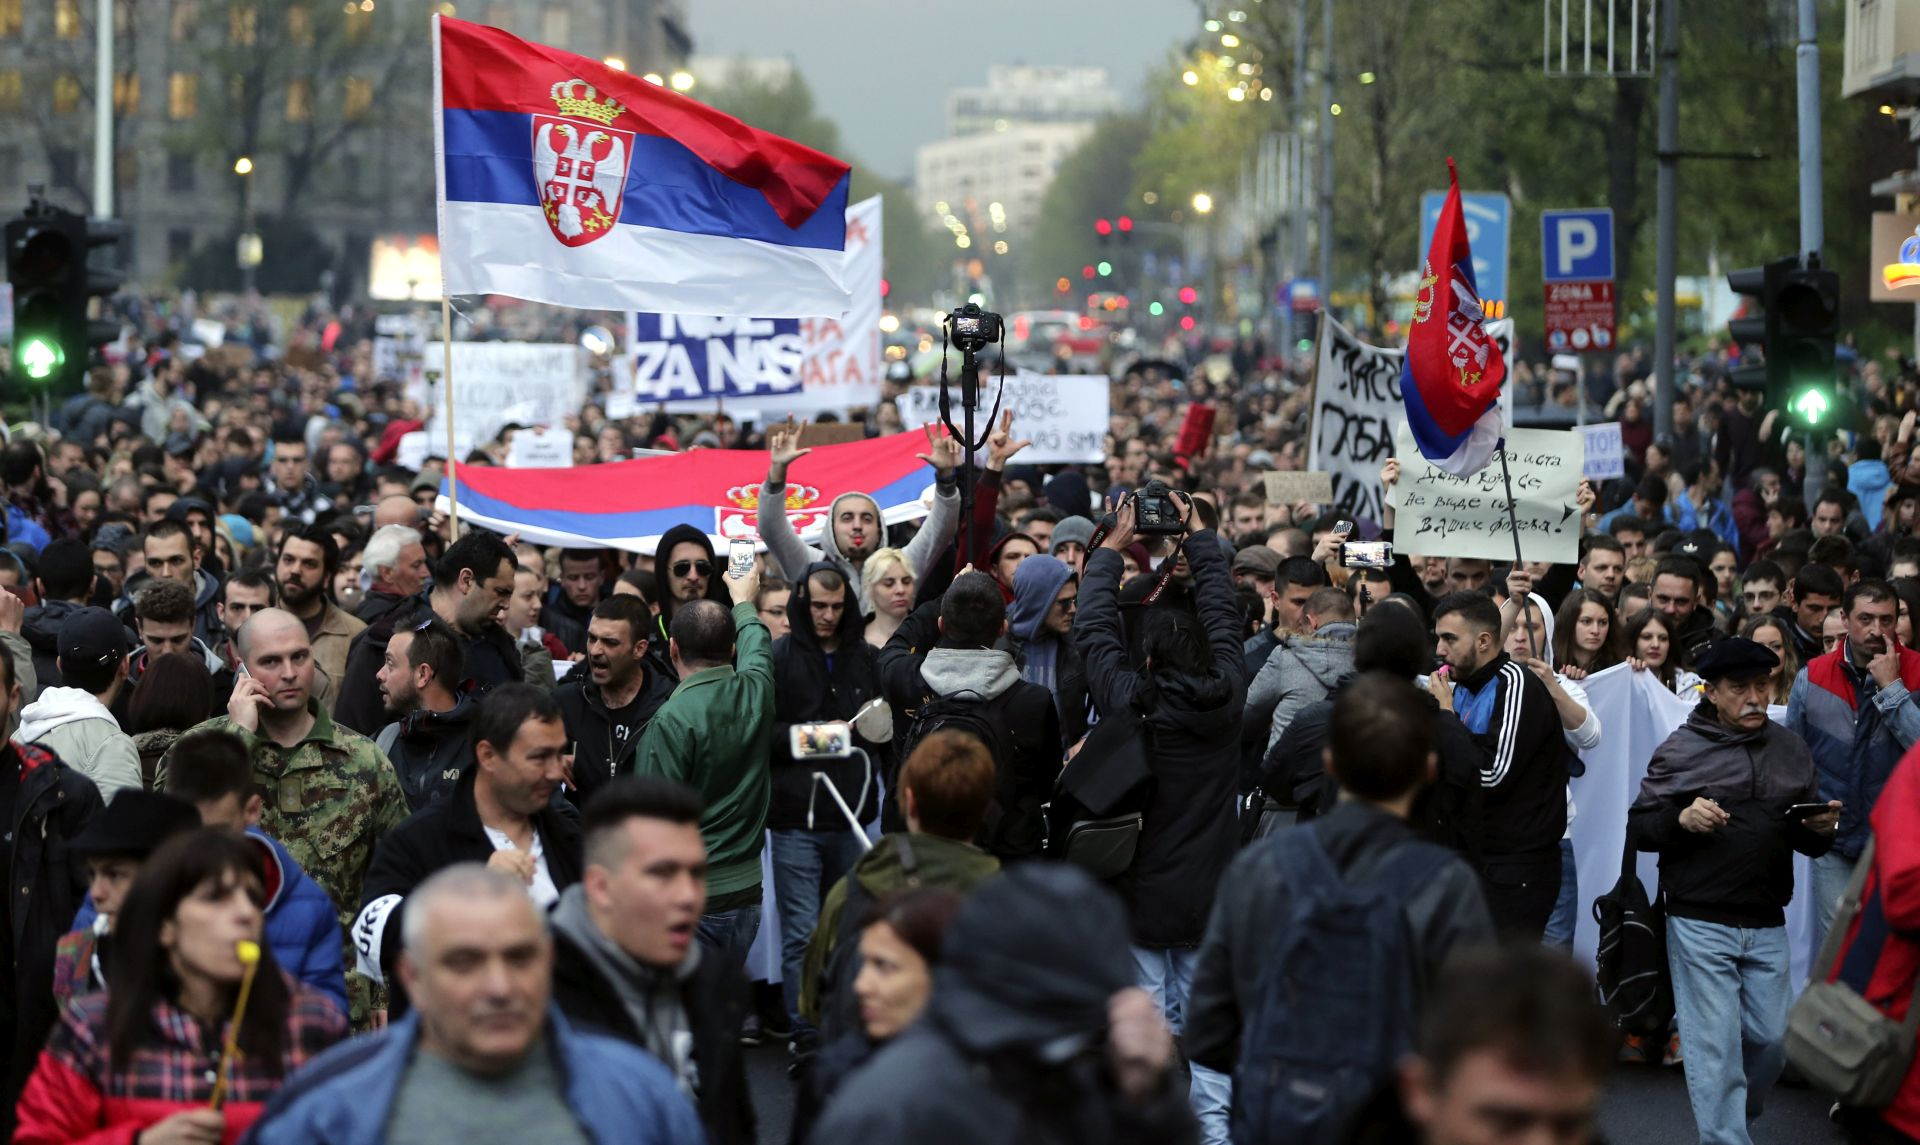 ŠESTI DAN: Prosvjedi u Srbiji, na ulicama i sindikati vojske i policije